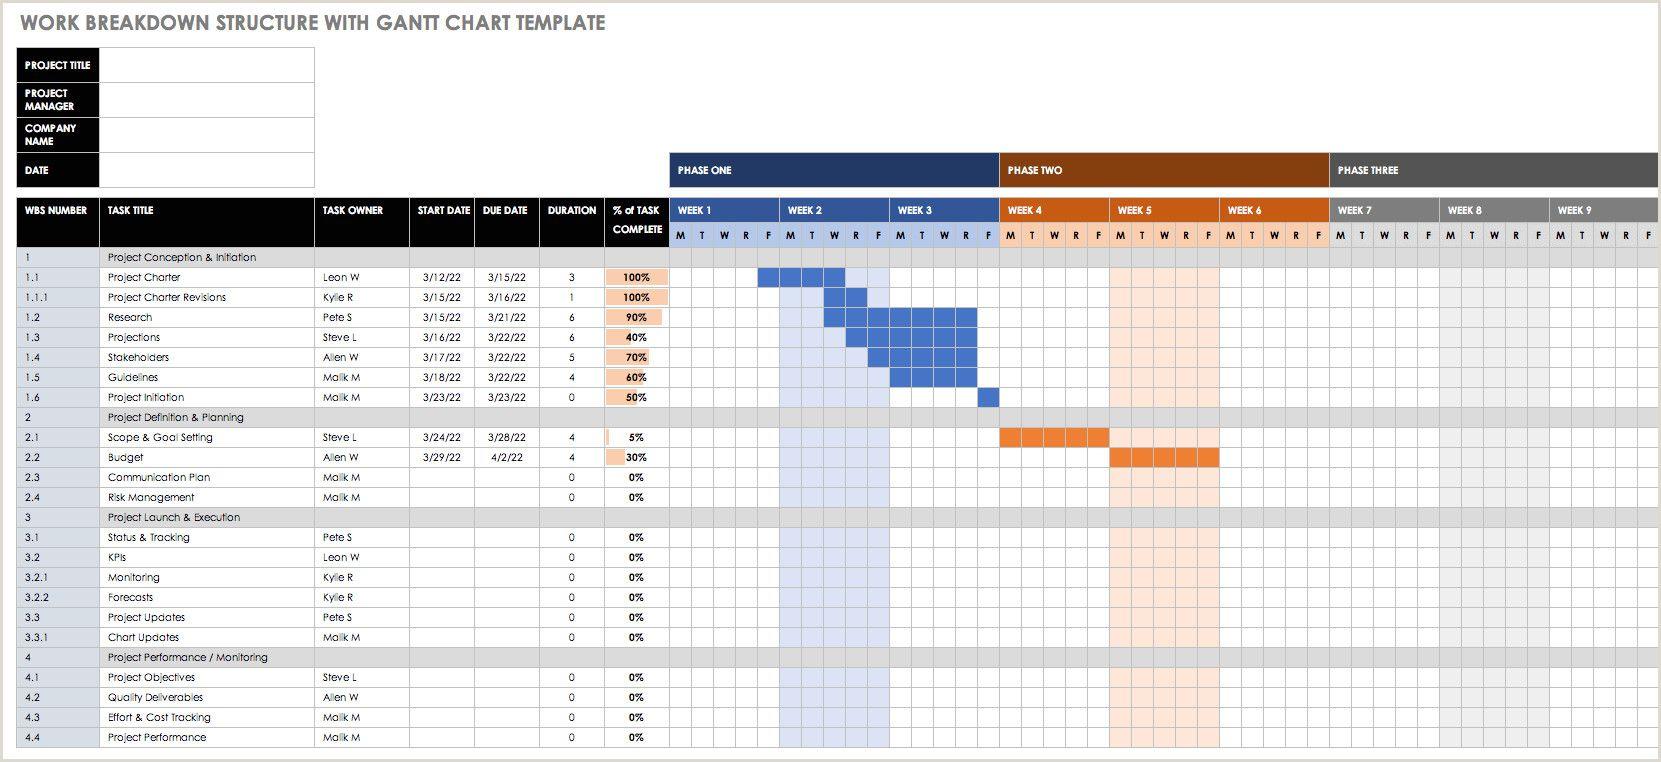 3 Week Look Ahead Schedule Template Excel In 2020 Gantt